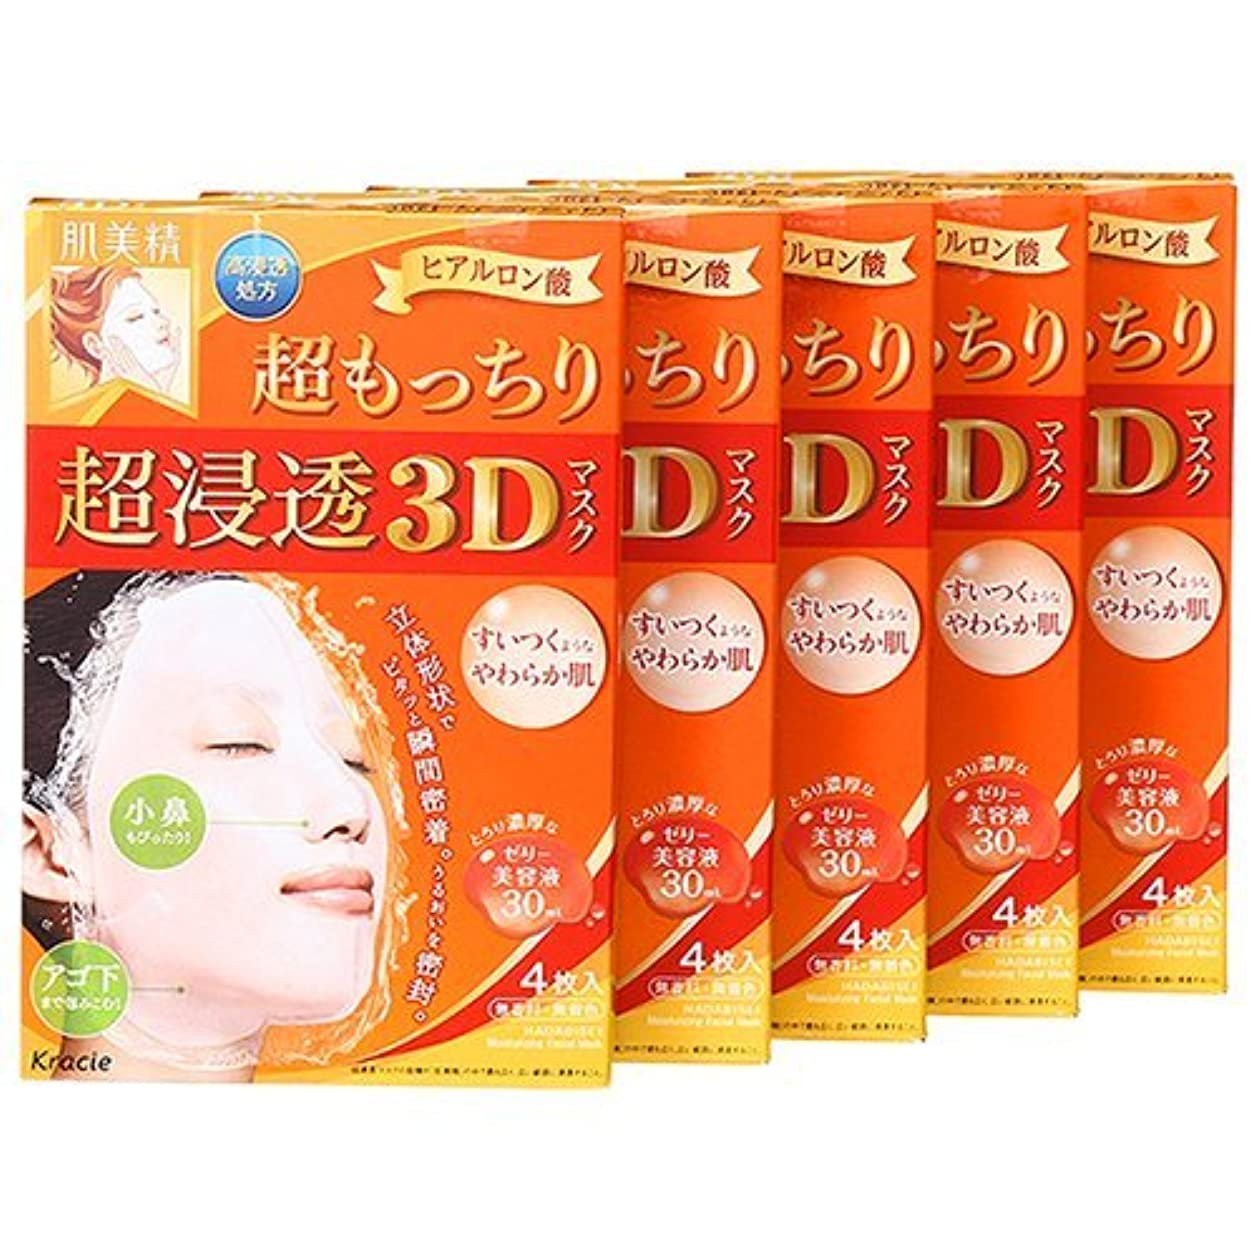 汚染リンケージバッフルクラシエホームプロダクツ 肌美精 超浸透3Dマスク 超もっちり 4枚入 (美容液30mL/1枚) 5点セット [並行輸入品]